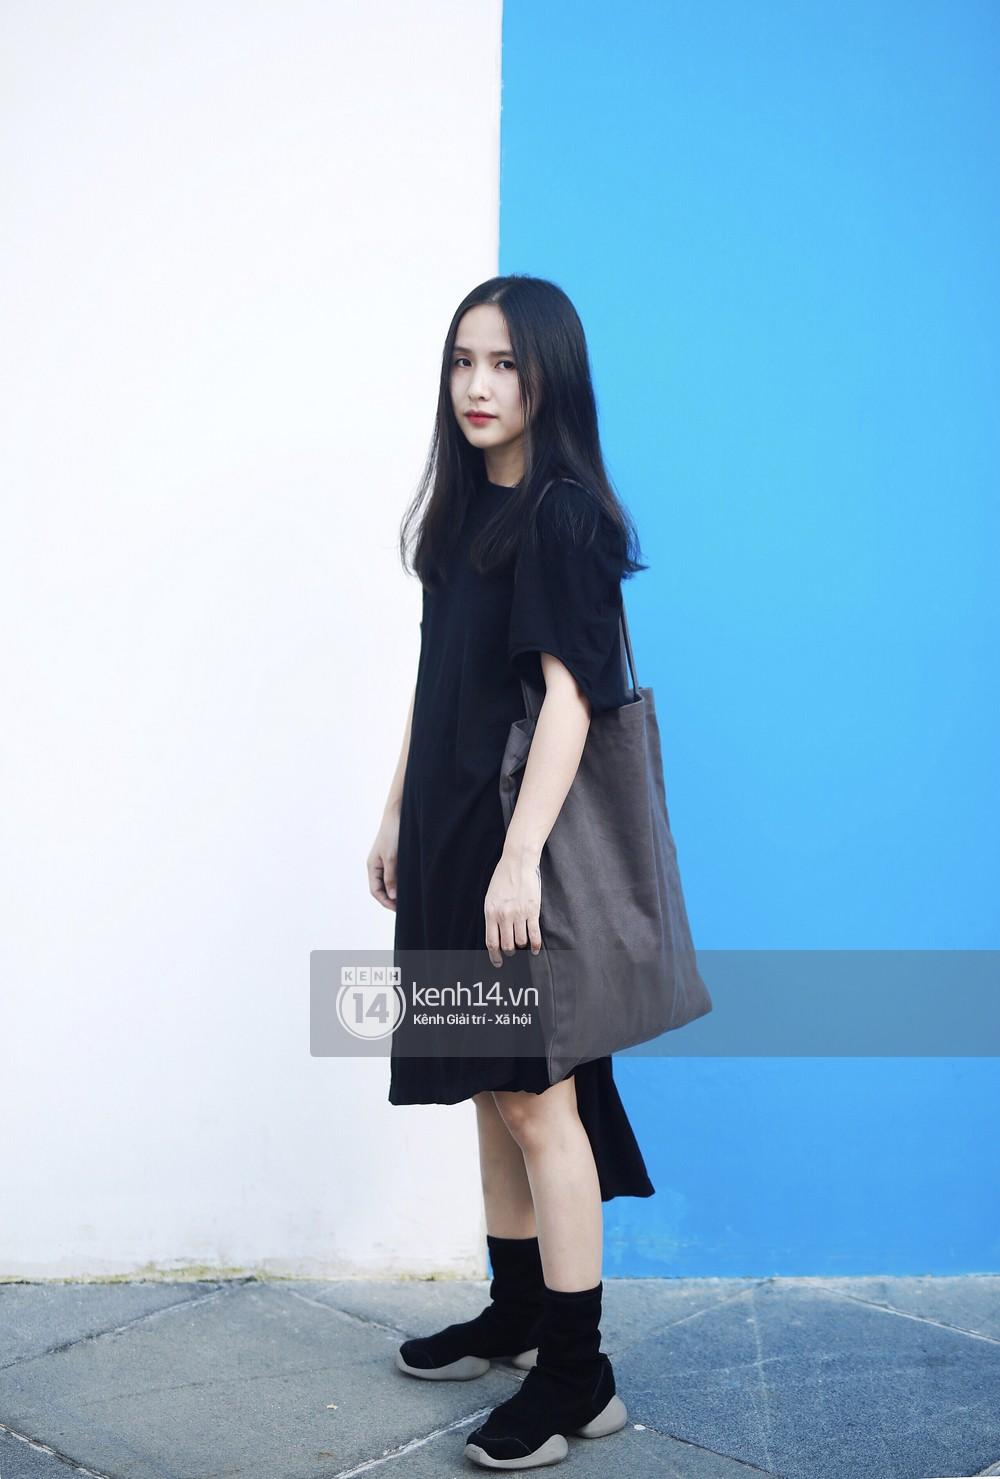 Gặp gỡ Trần Ngọc Hạnh Nhân - Nữ HypeBeast duy nhất của thế hệ 8x Việt - Ảnh 8.